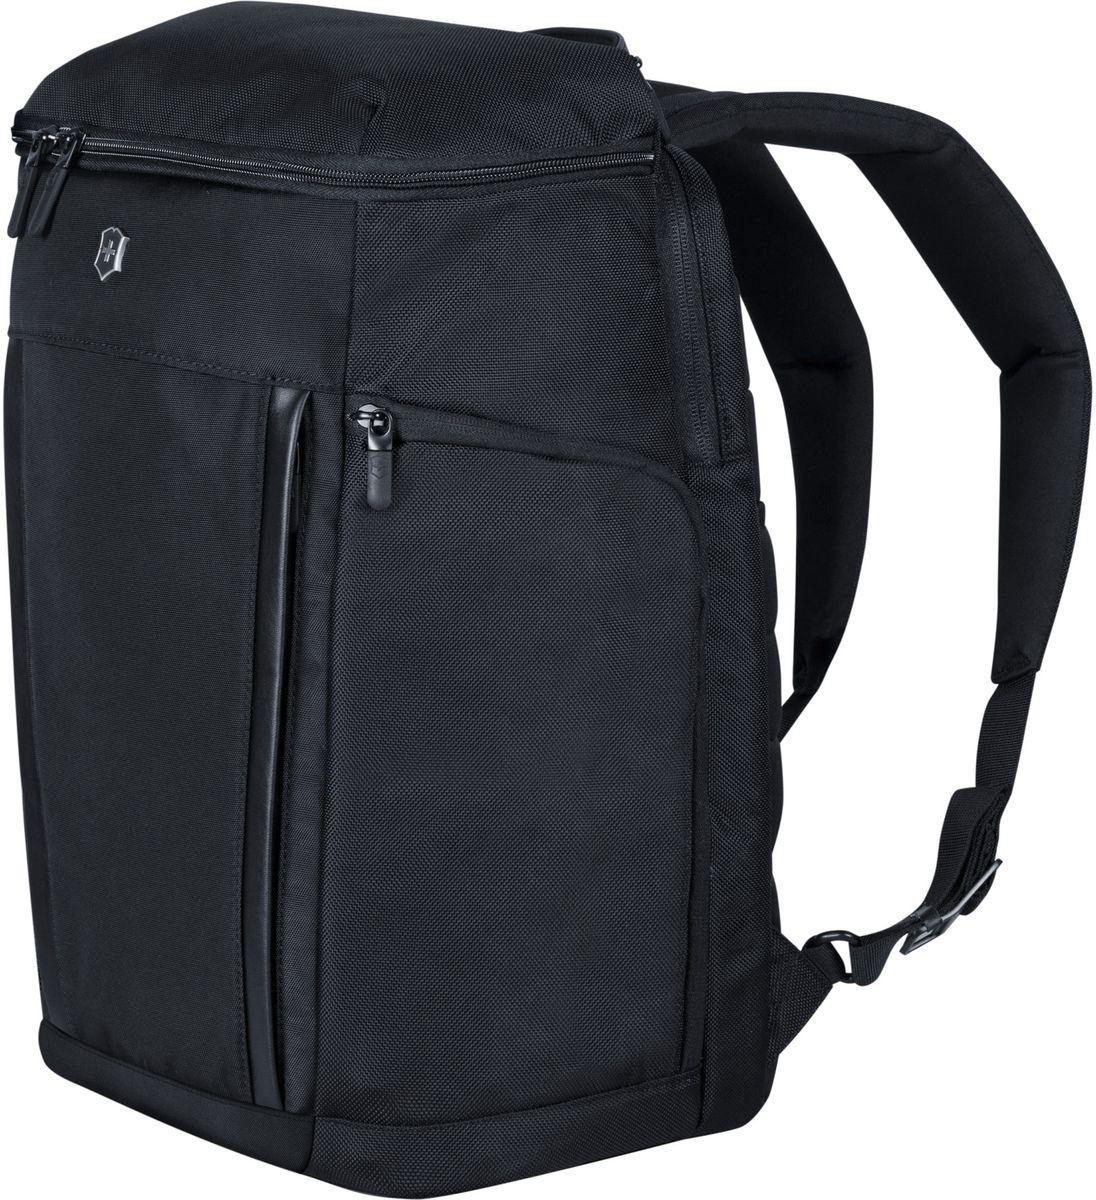 Σακίδιο πλάτης Deluxe Fliptop Laptop 15.6inch Altmont Victorinox 602152 Μαυρο σακίδια   τσάντες   τσάντες πλάτης